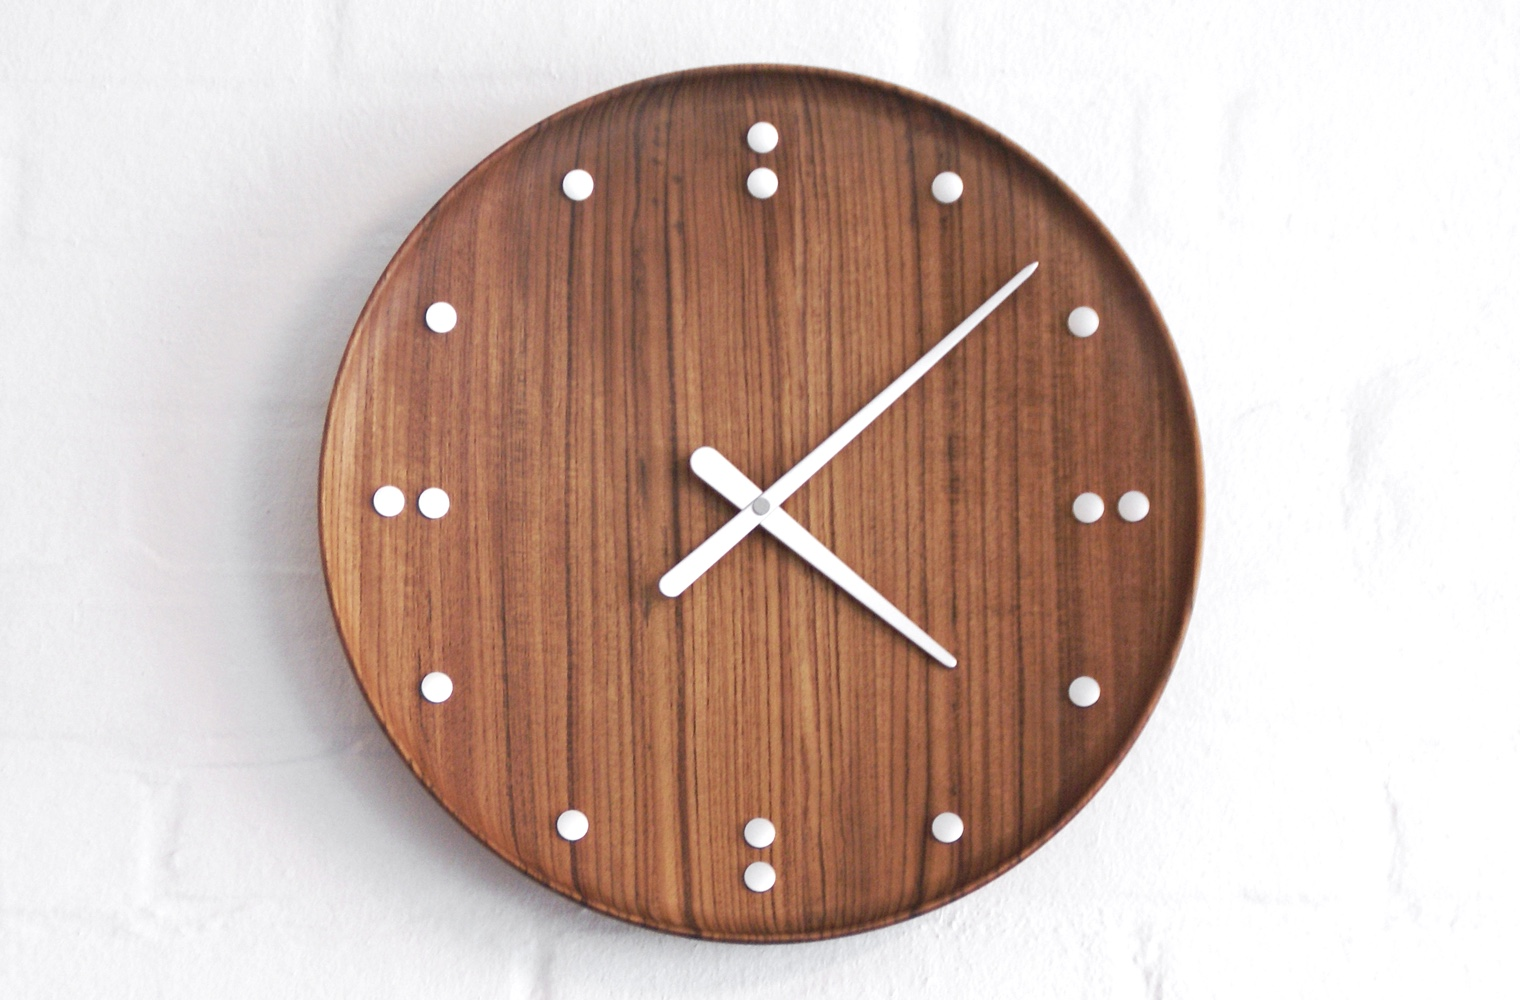 FJ Clock by Finn Juhl.